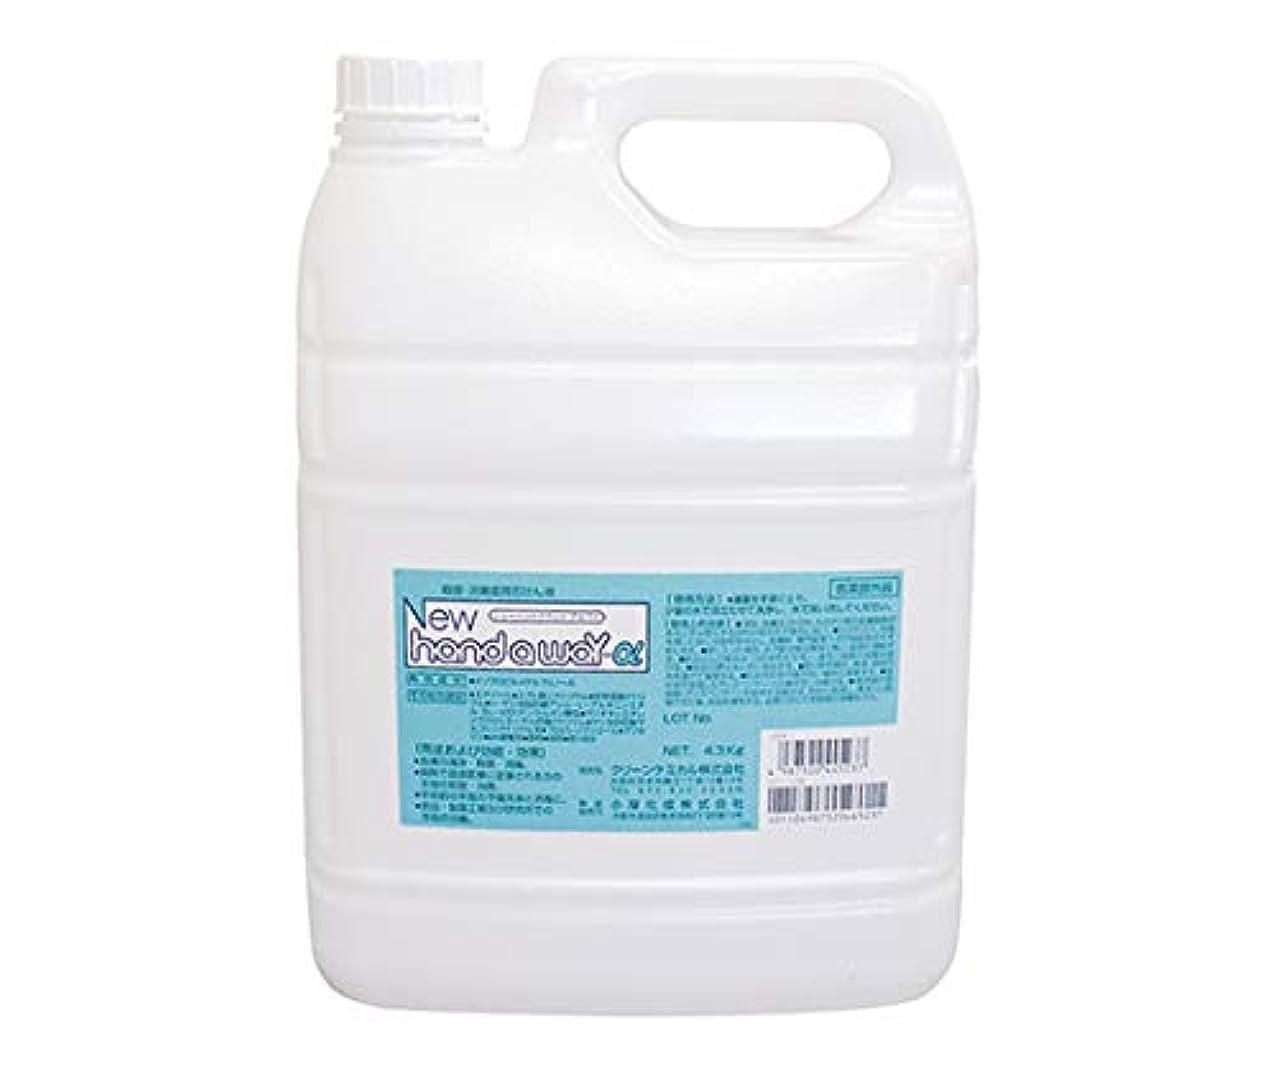 追放頑丈プール薬用石けん液 ニューハンドアウェイα 詰替用 4.3kg